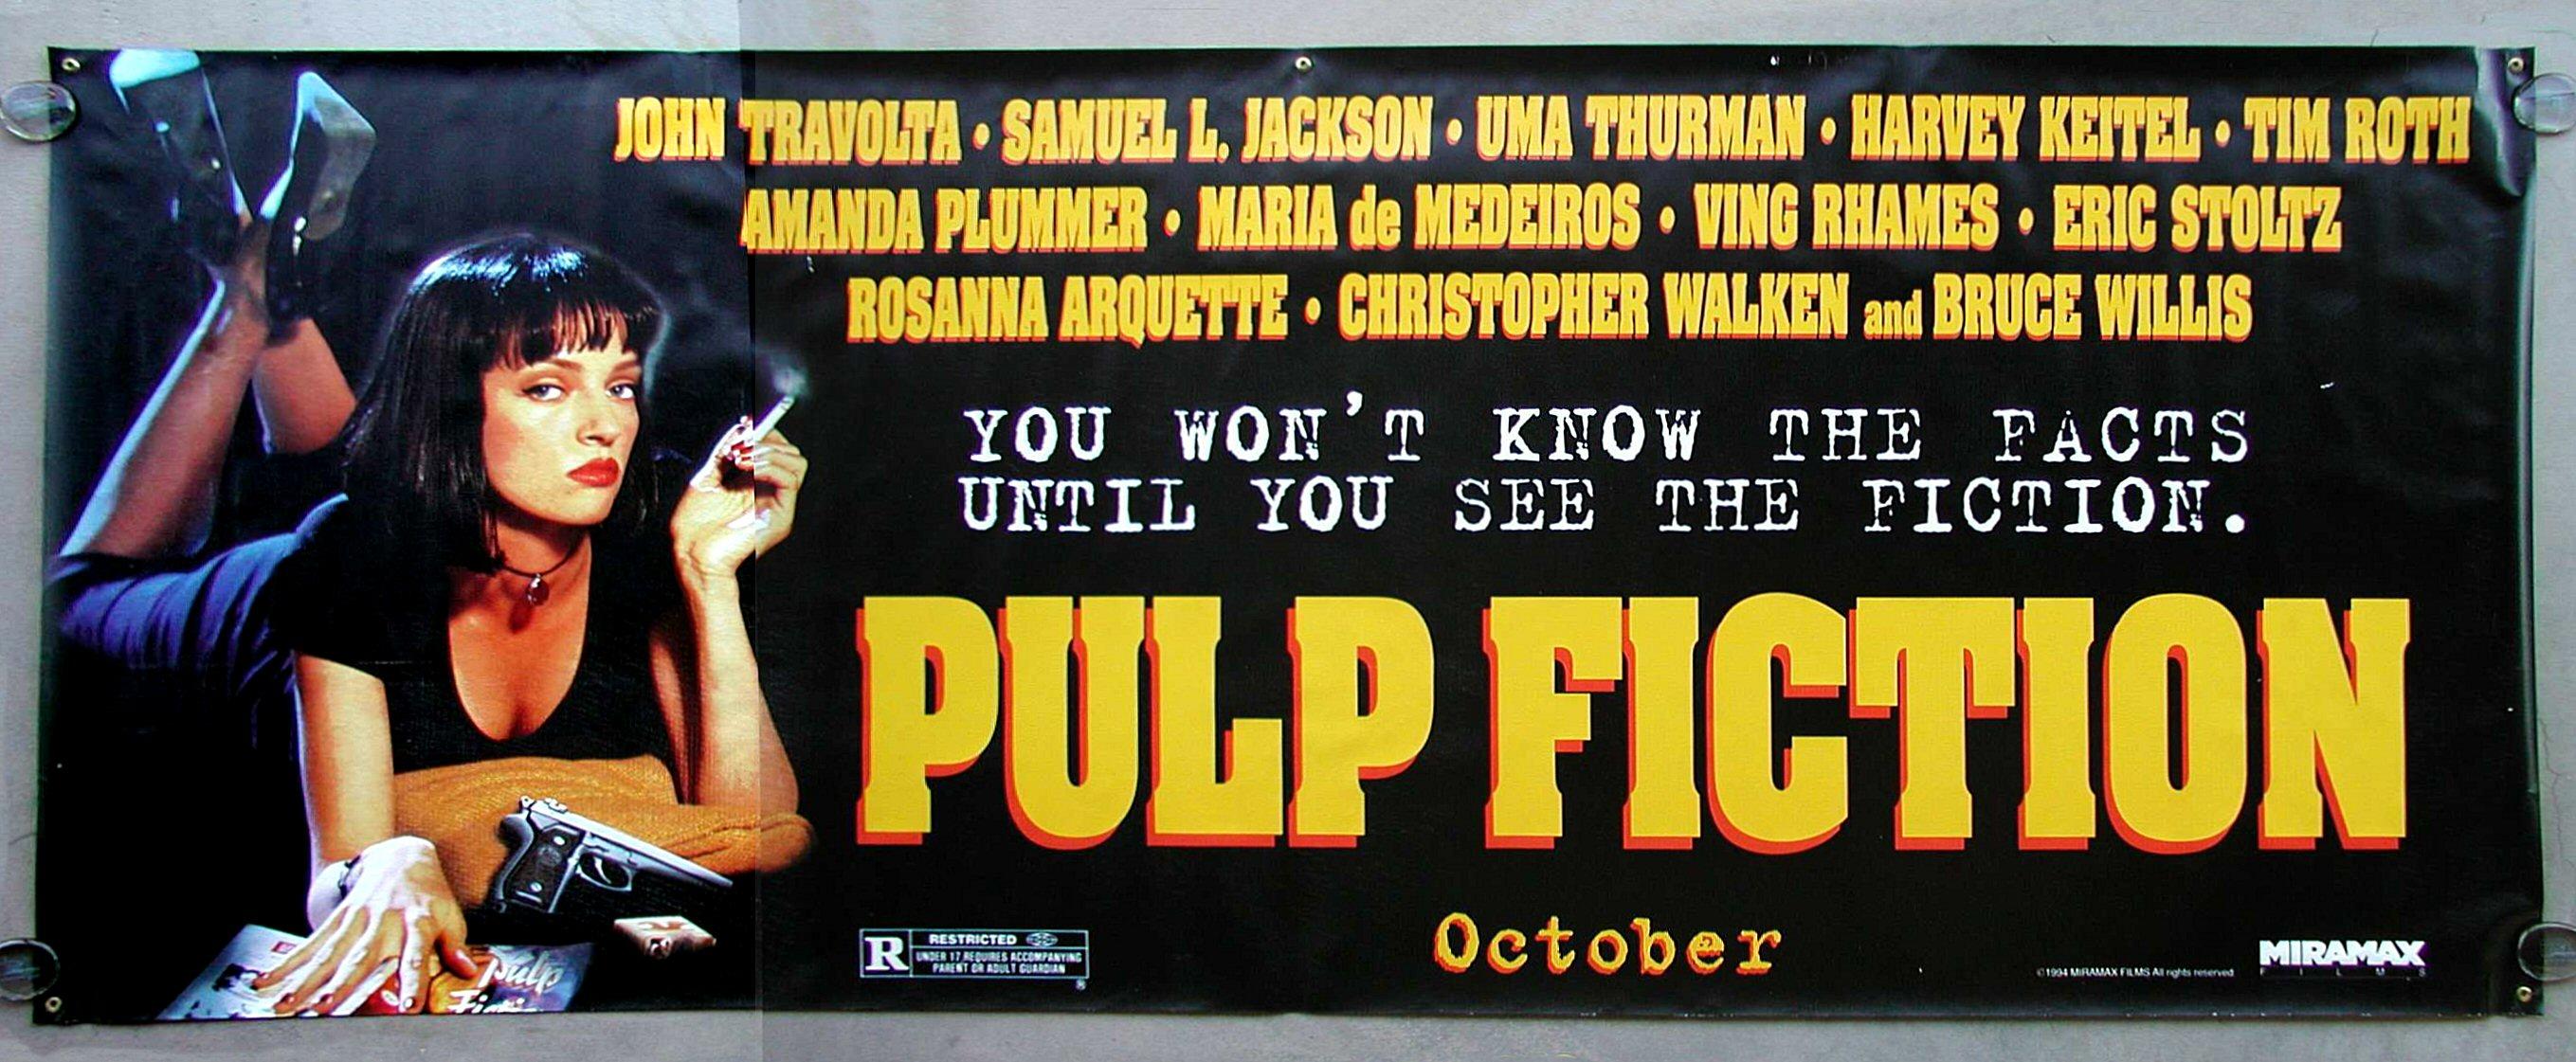 Resultado de imagem para pulp fiction poster